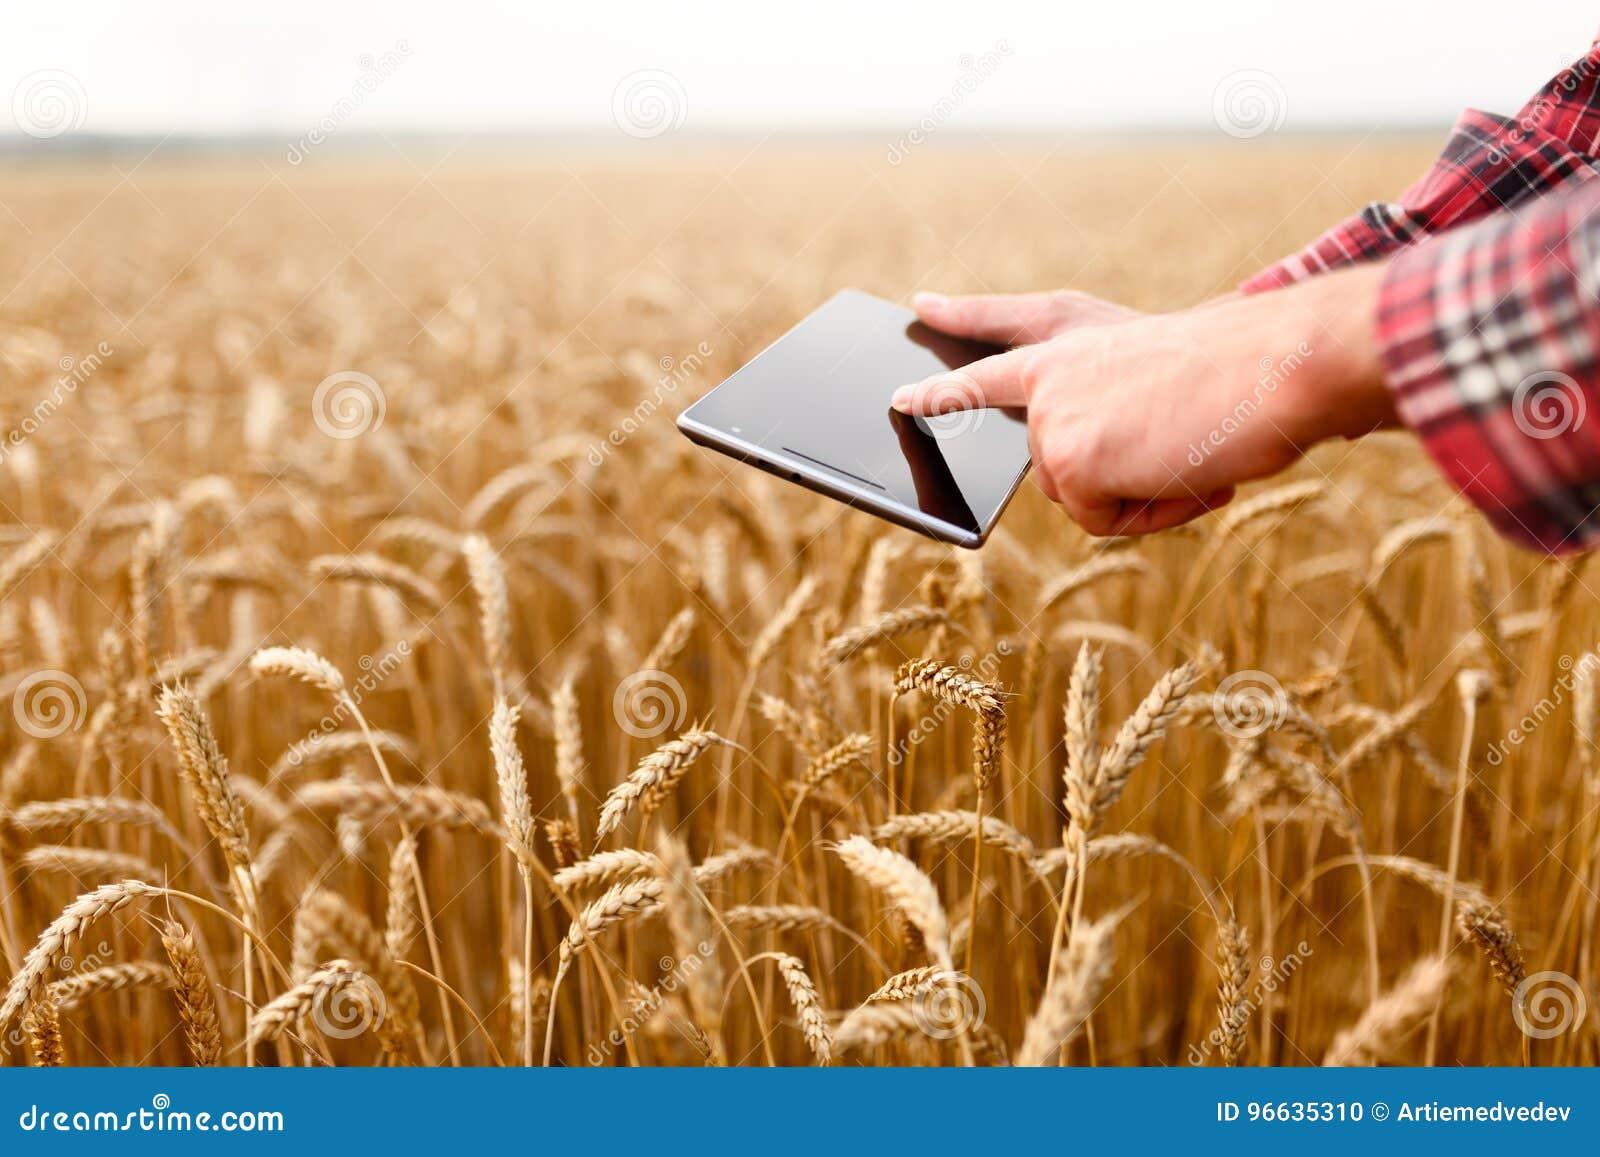 Smart que cultiva usando tecnologías modernas en agricultura El granjero del agrónomo del hombre toca y birla el app en digital